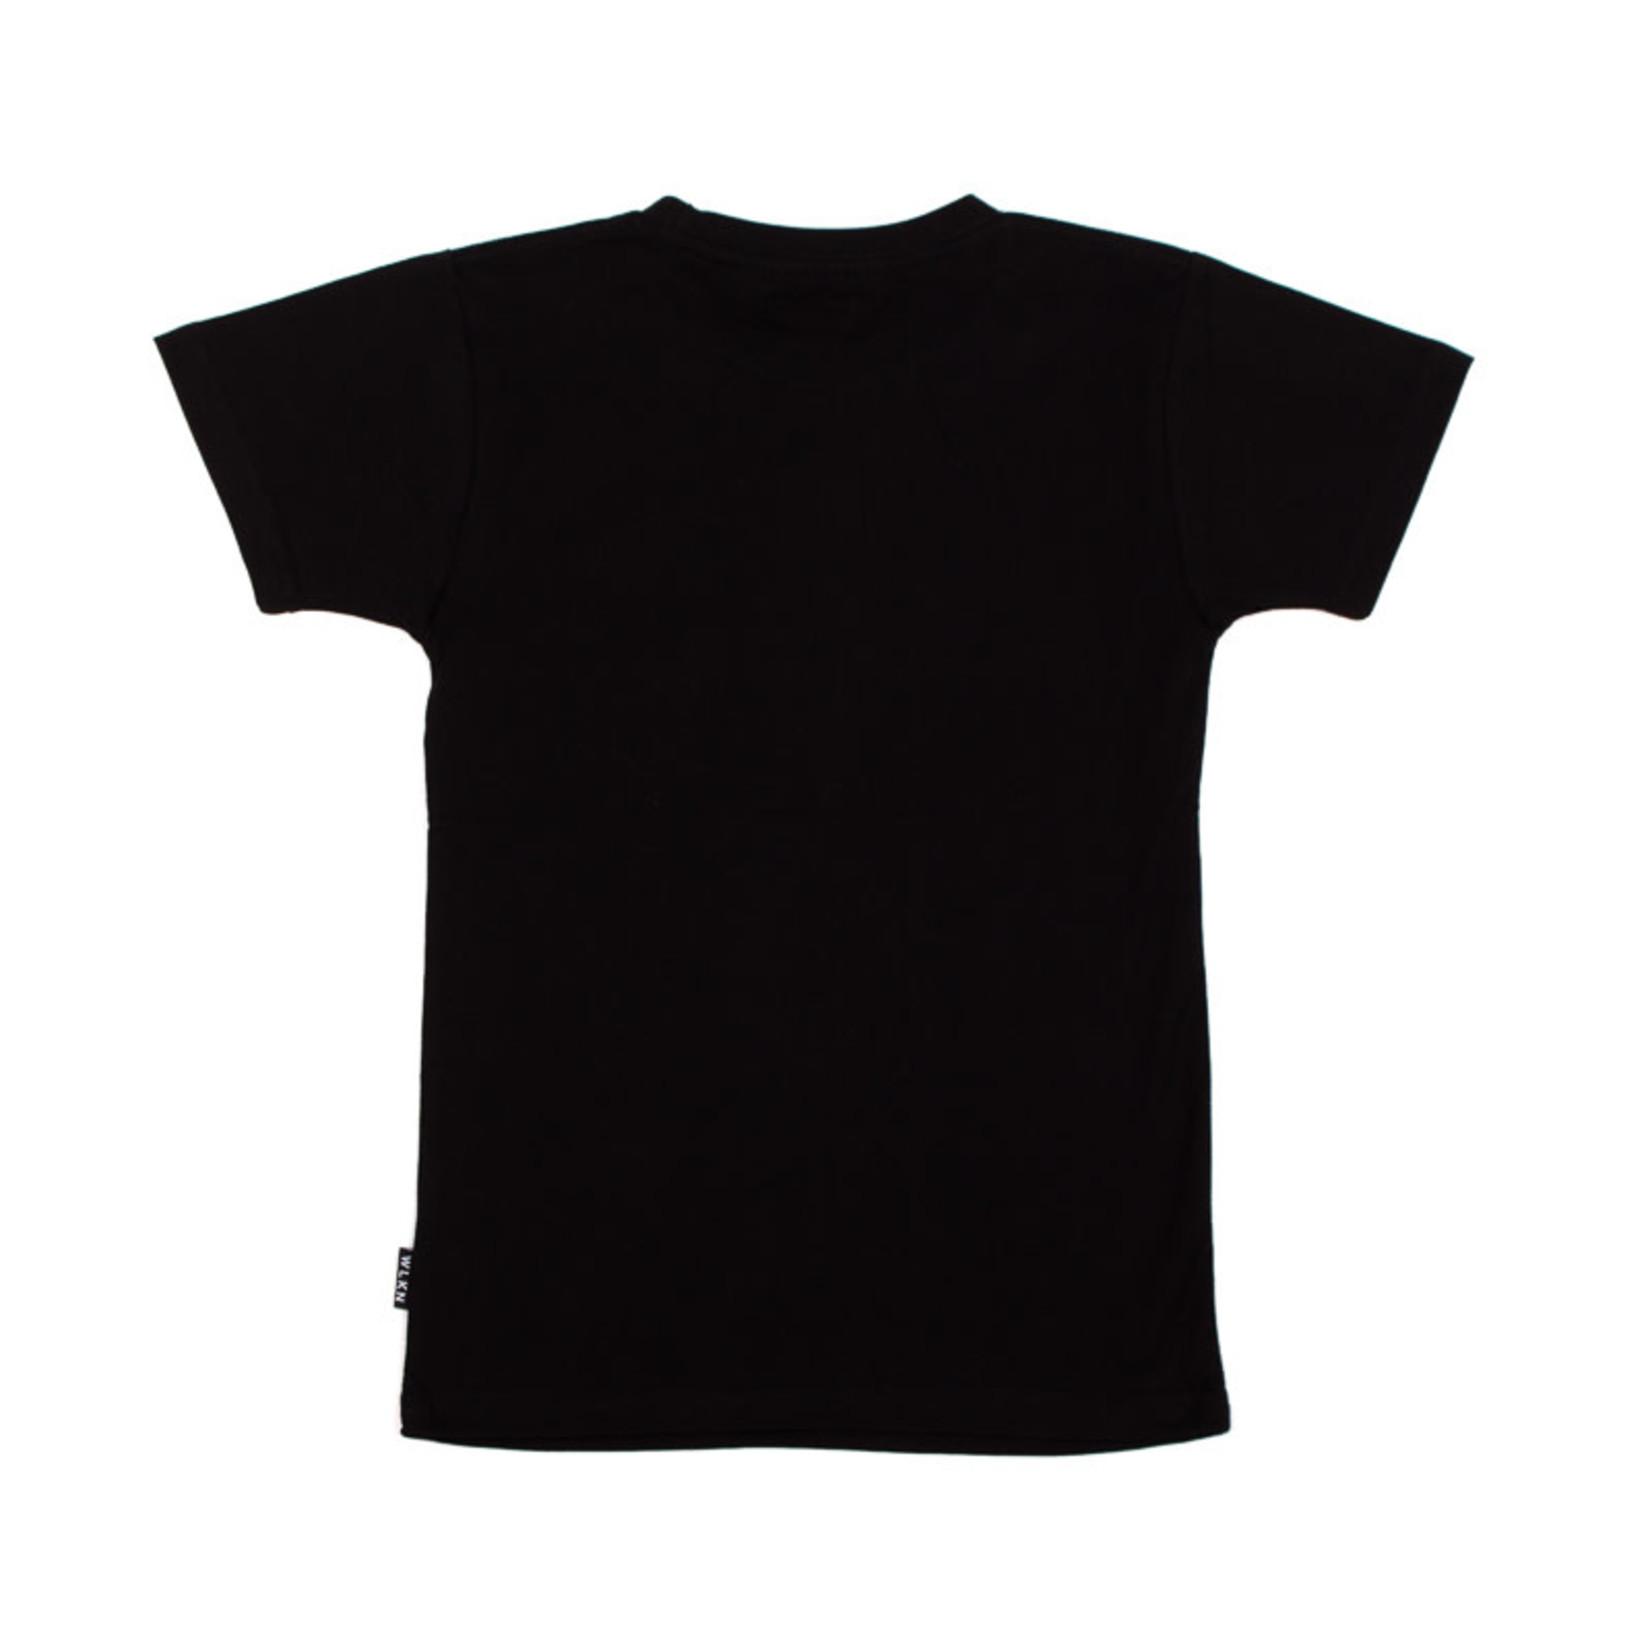 WLKN WLKN : Junior Colored Goal T-Shirt